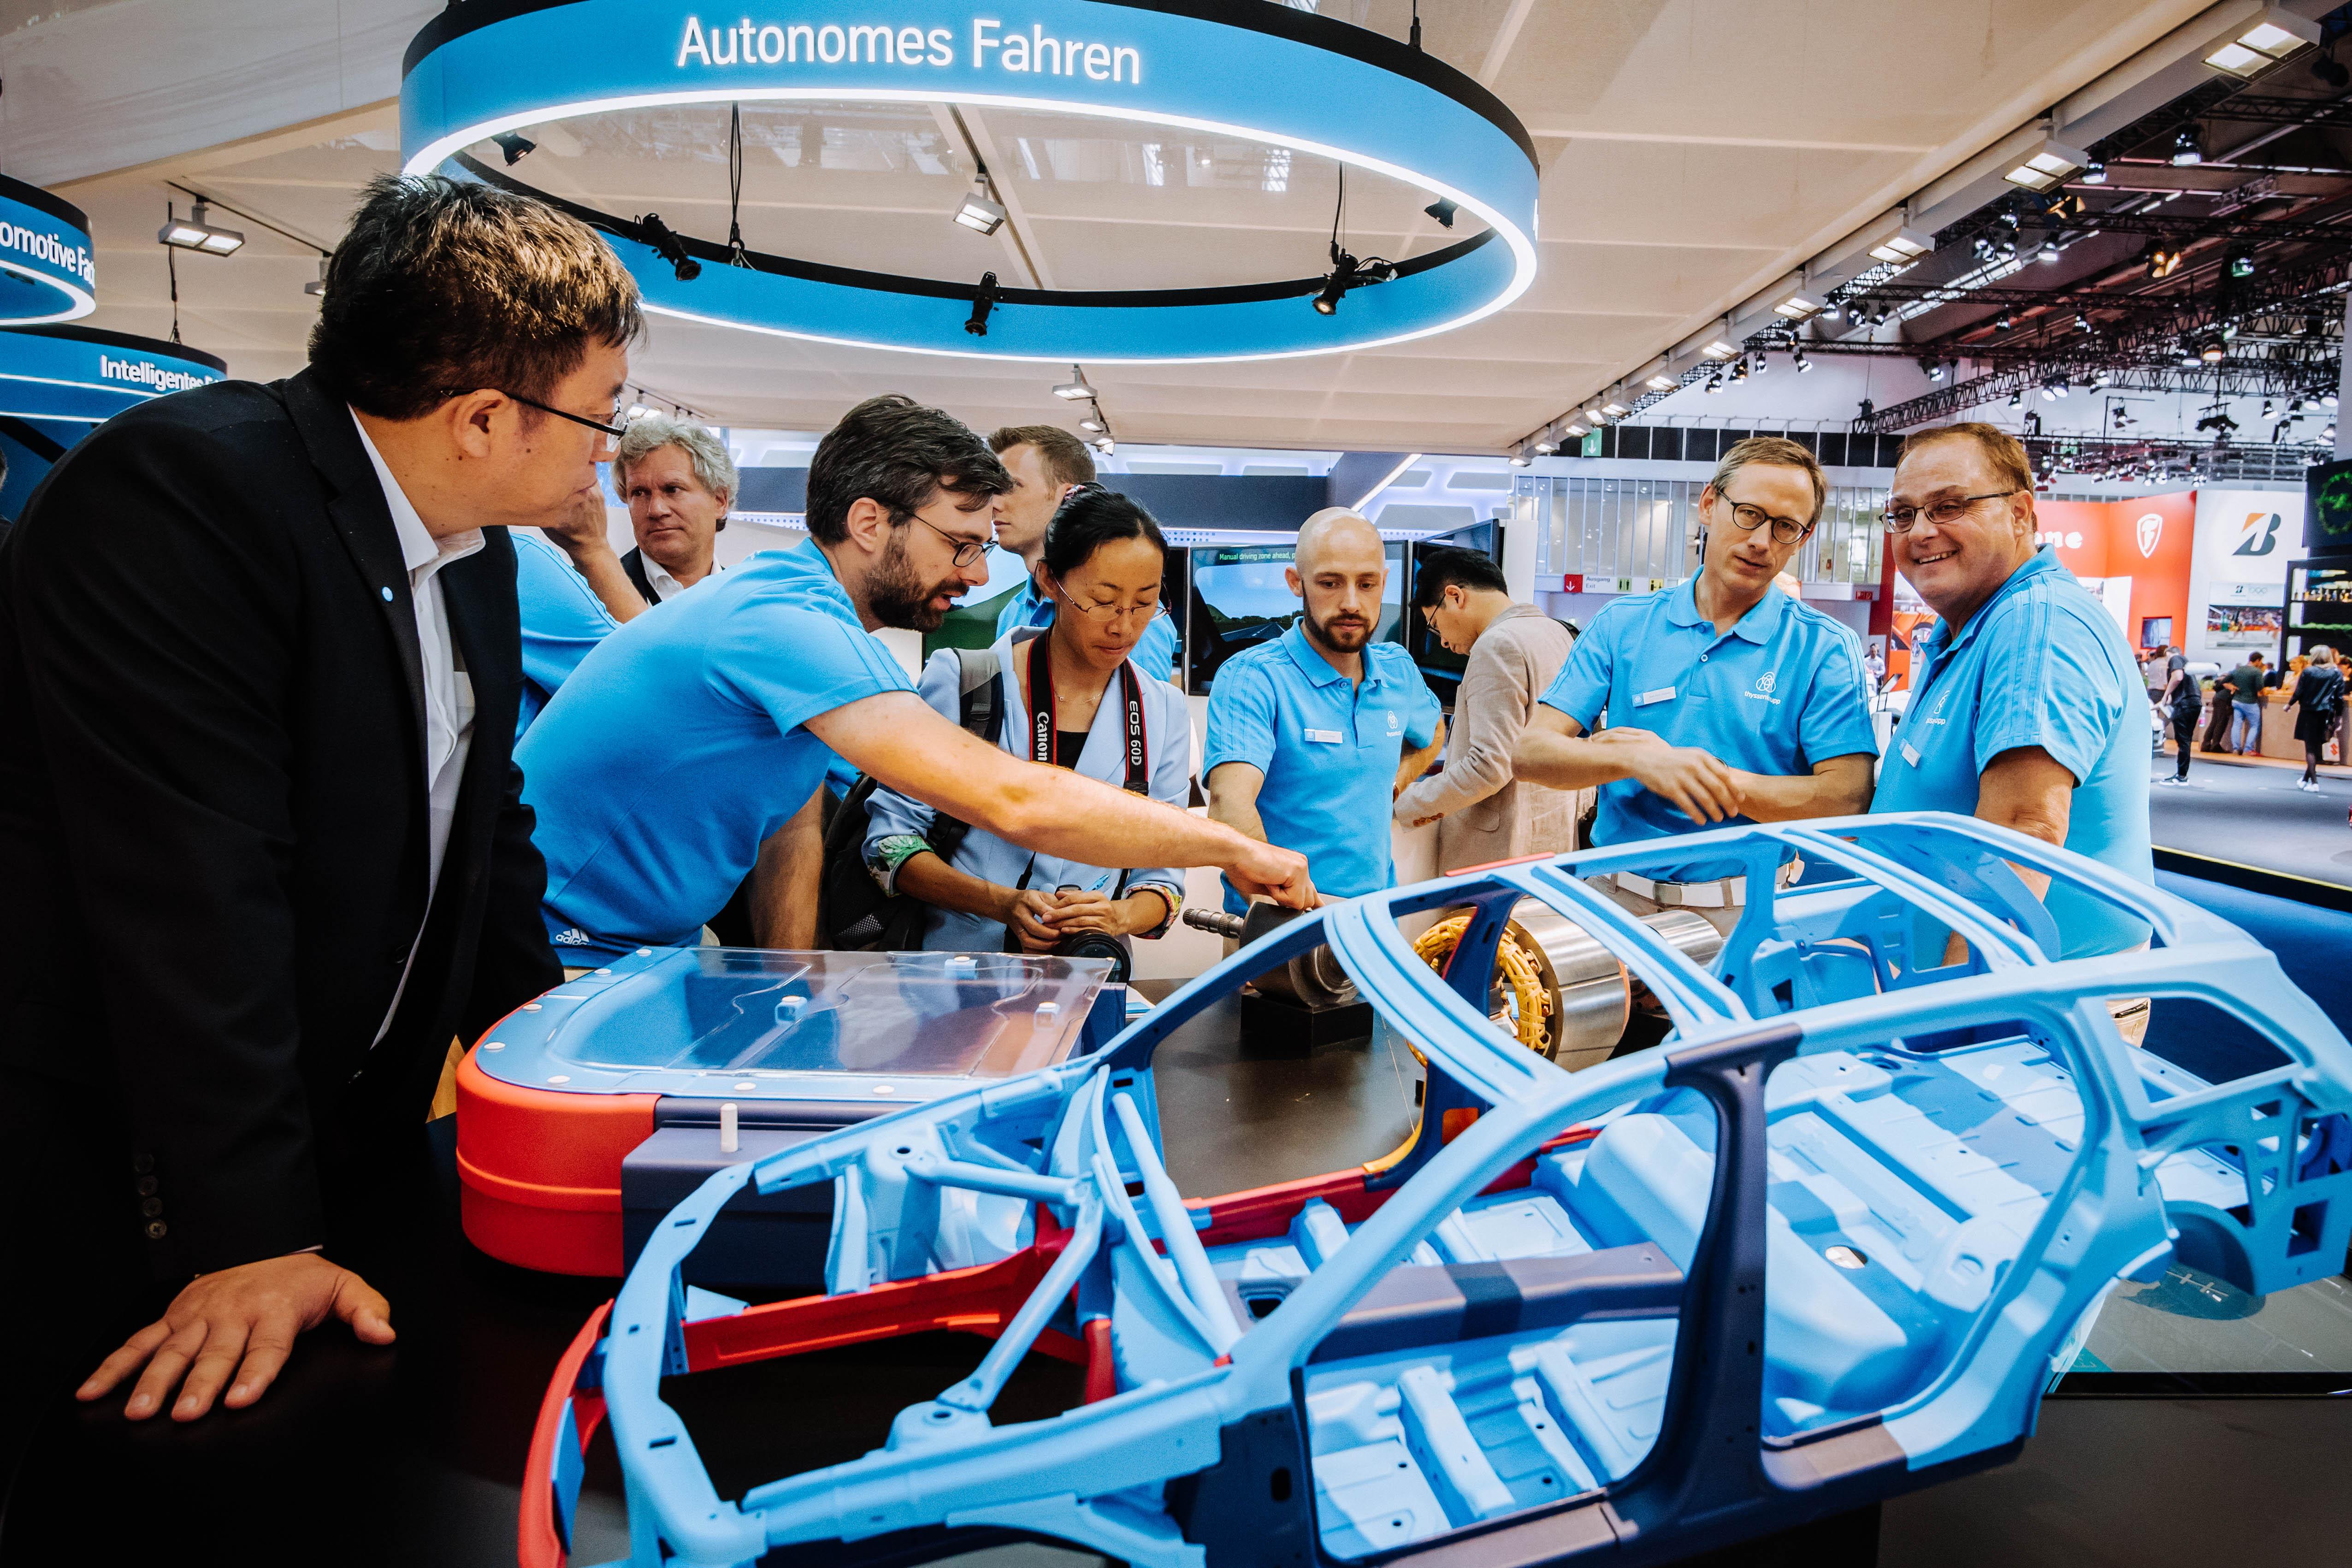 Der Verband der Automobilindustrie stellt Fachkräfte und Experten vor.